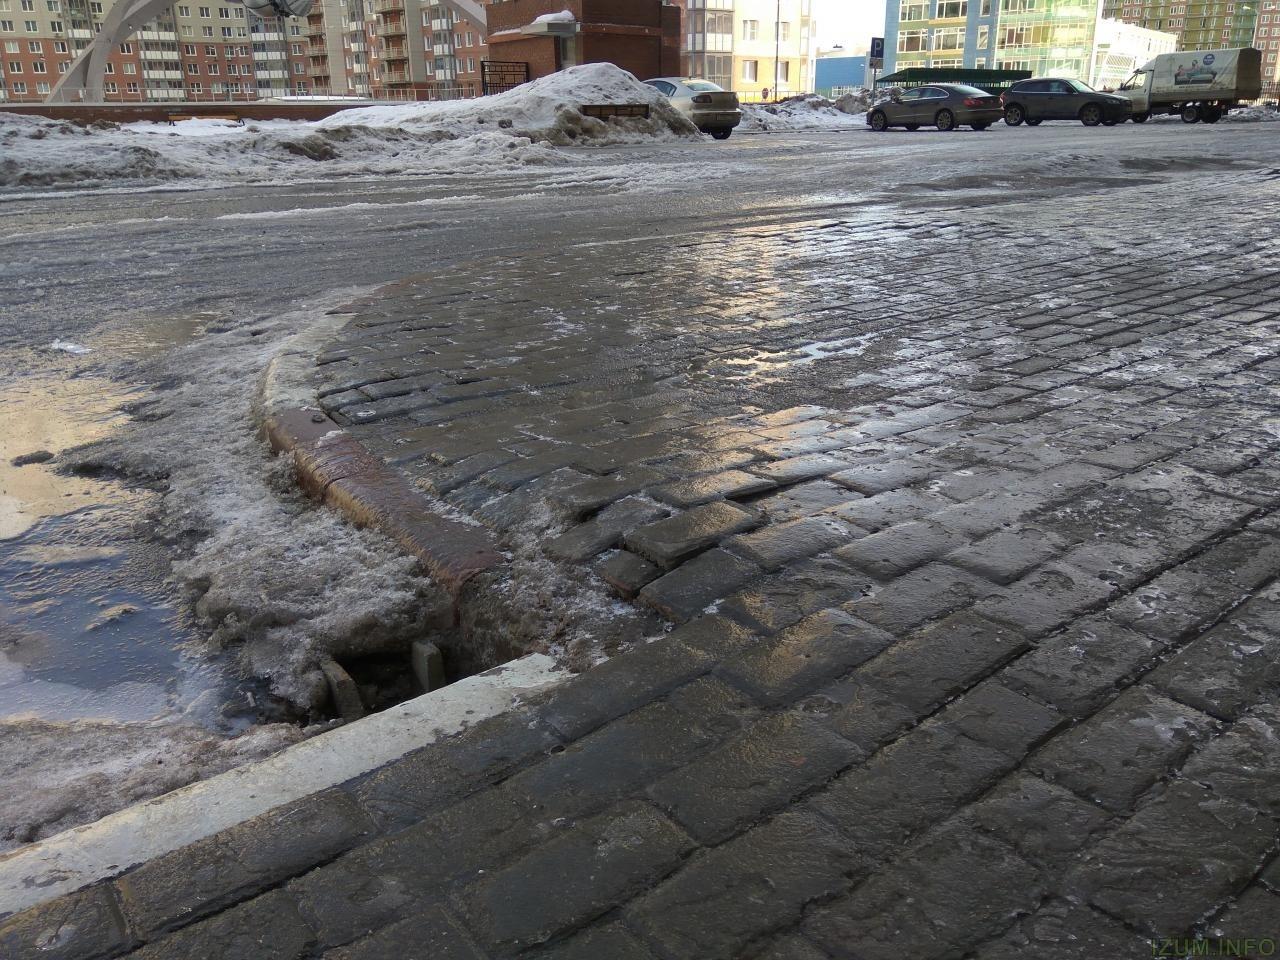 Изумрудные холмы тратуары кривые и во льду (3).jpg